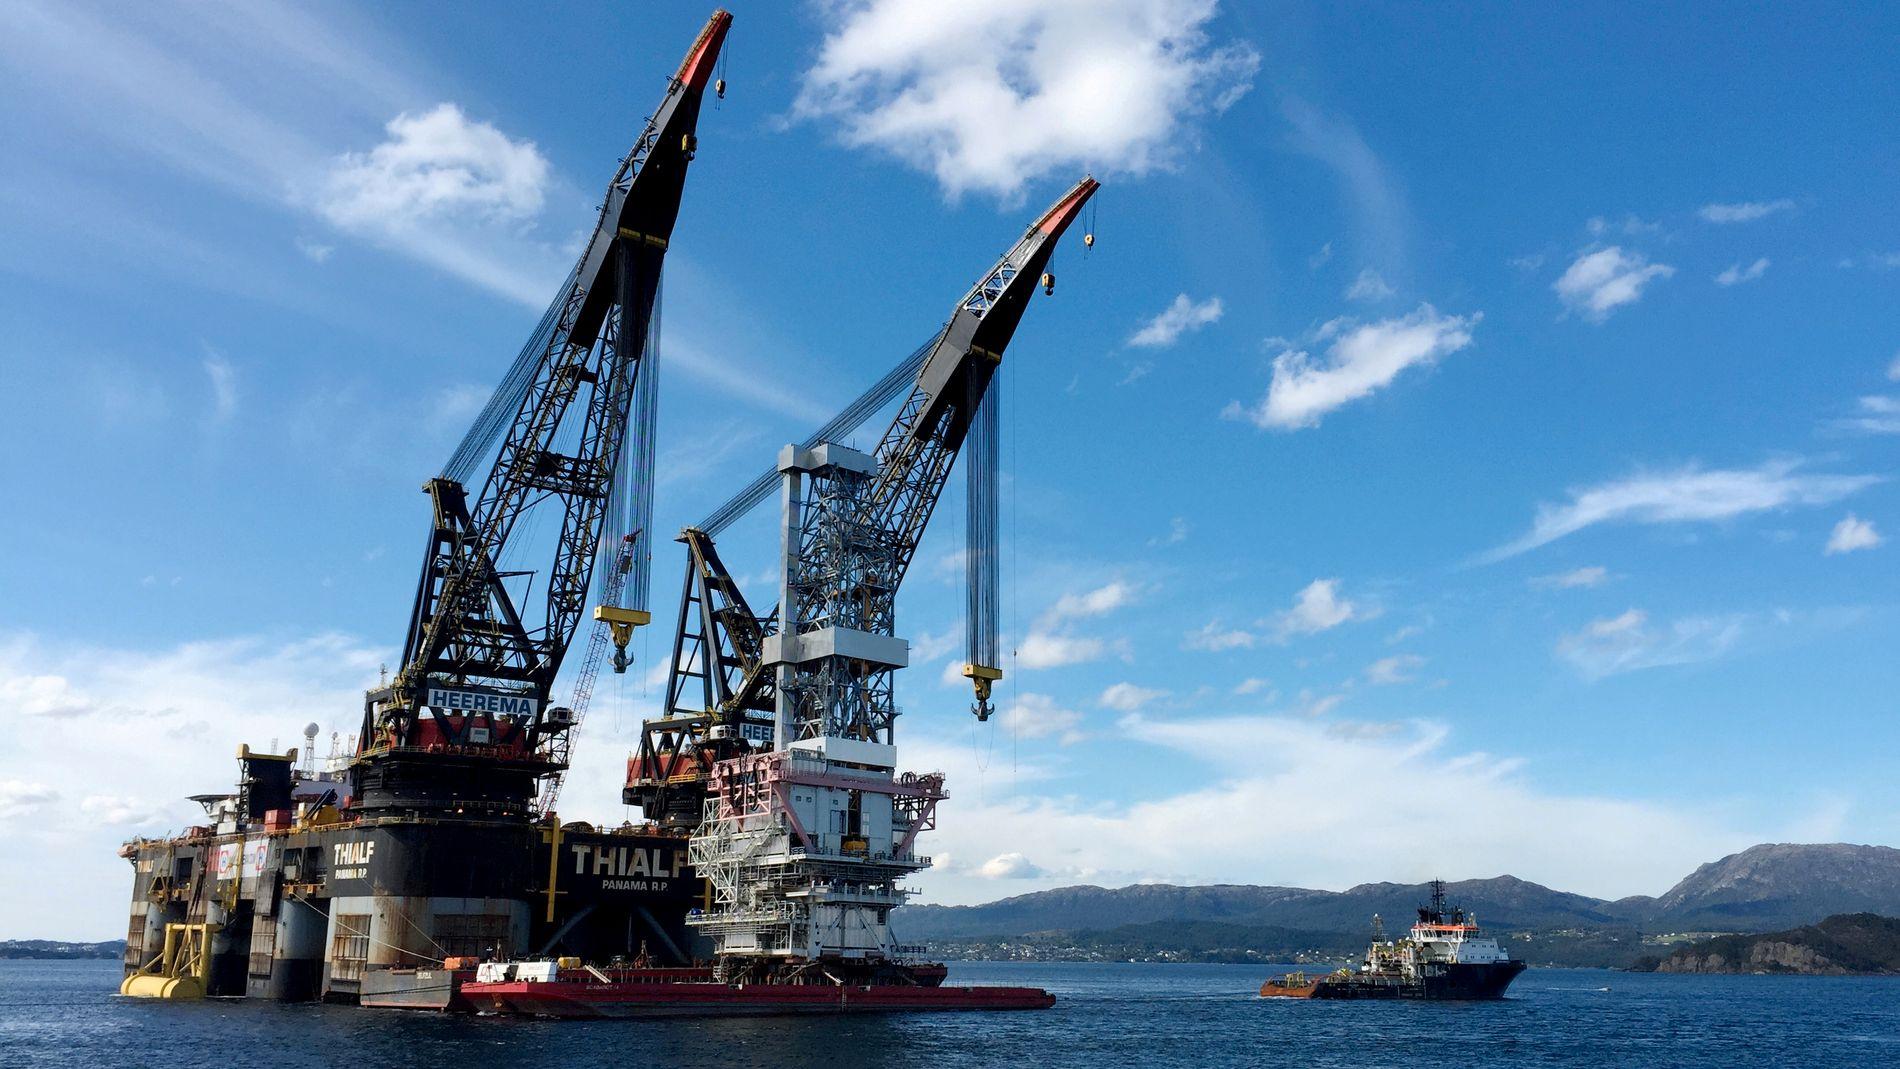 JEKKER OPP: Norges Bank jekker opp forventningene til oljeinvesteringene i 2019 og svakt opp for 2020, men venter lavere investeringer enn tidligere anslått i 2021 og 2022. Dette er boreplattformen på Johan Sverdrup-feltet, som ble installert i 2017.